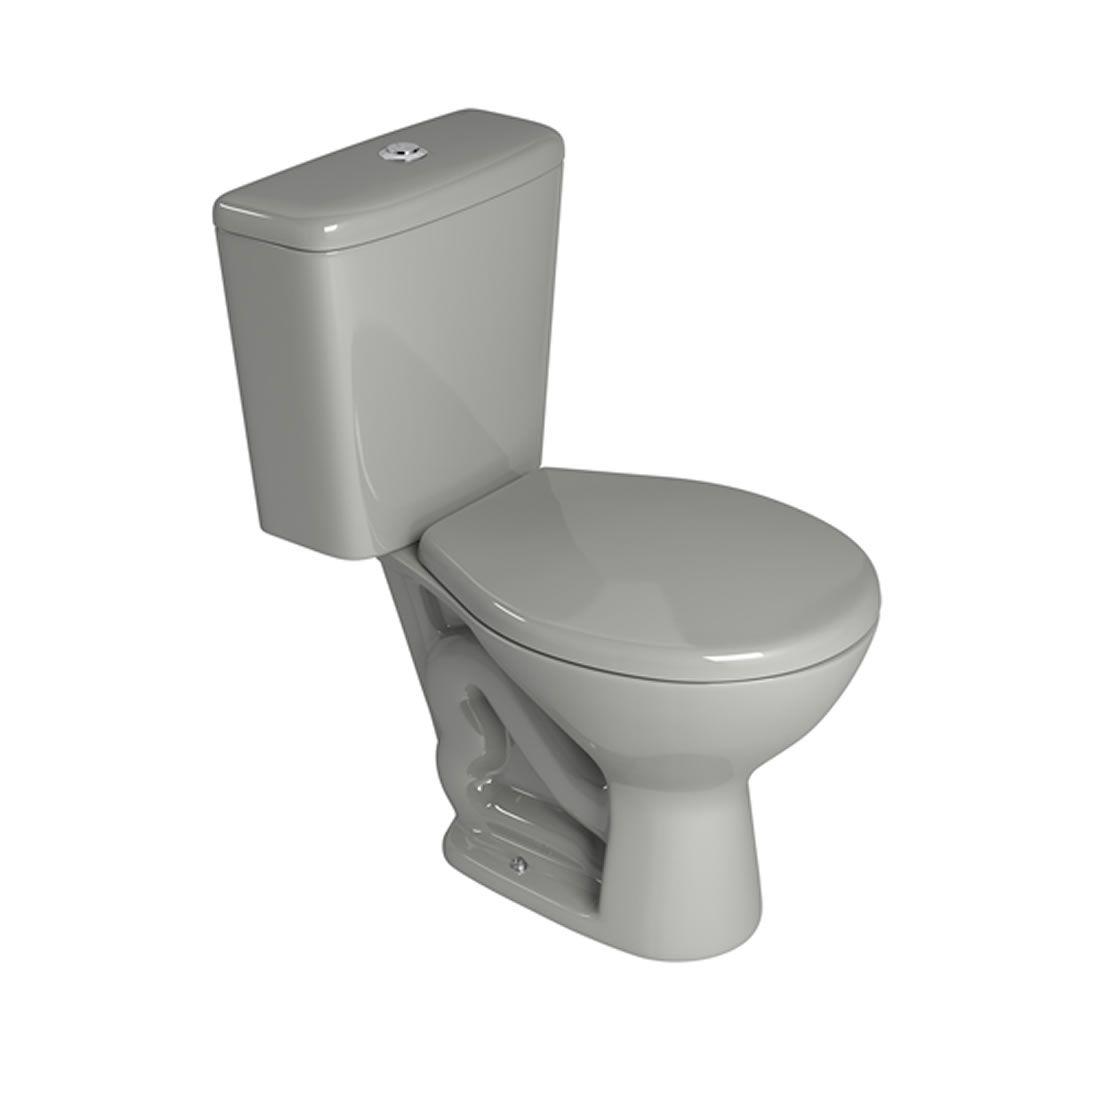 Conjunto Vaso Sanitário com Caixa Acoplada Deca Izy Cinza